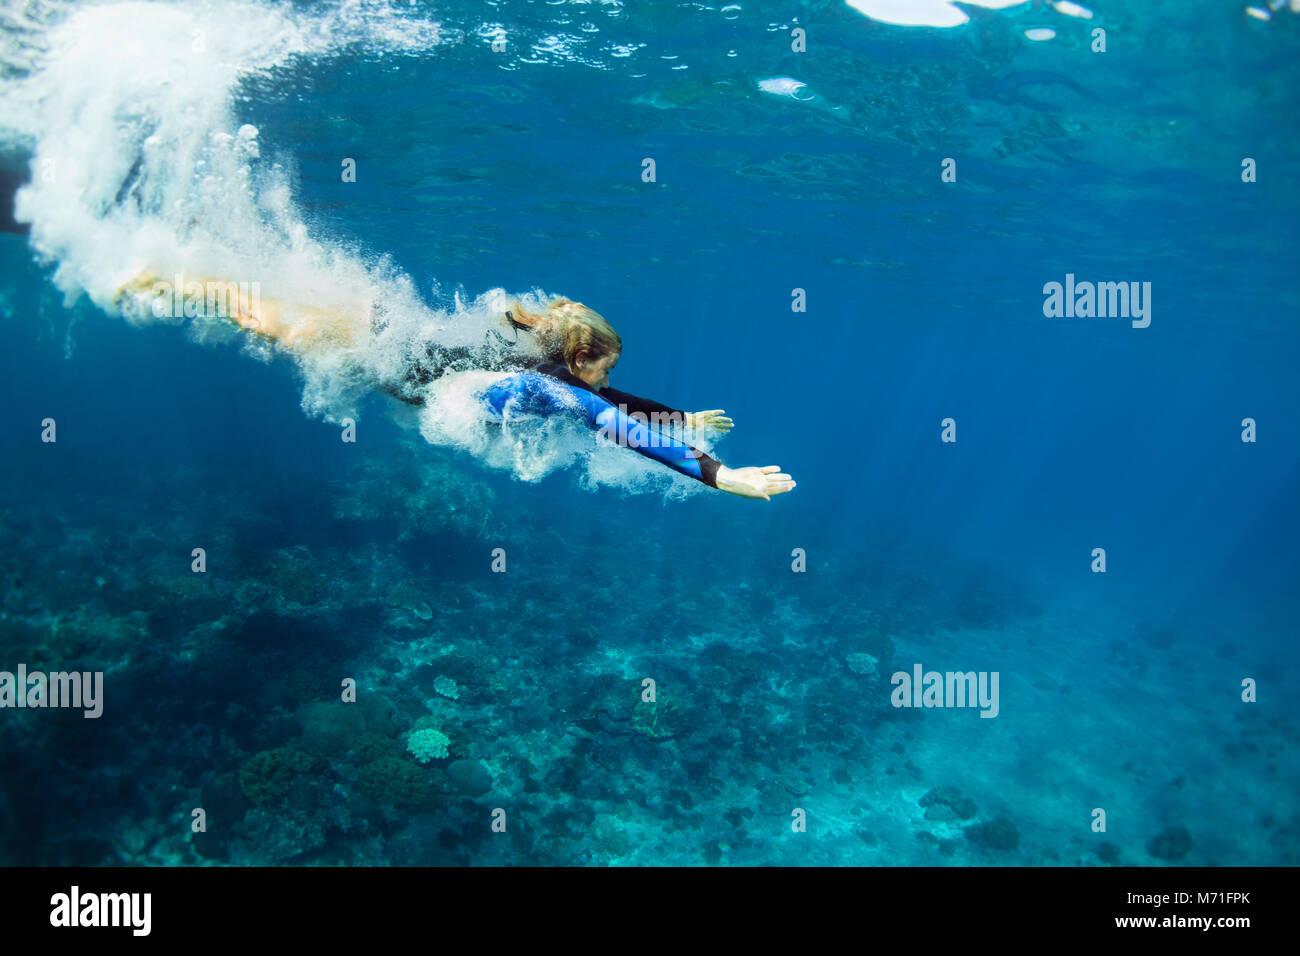 Happy Family - active adolescente sauter et plonger sous l'eau dans les récifs coralliens tropicaux extérieure. Photo Stock